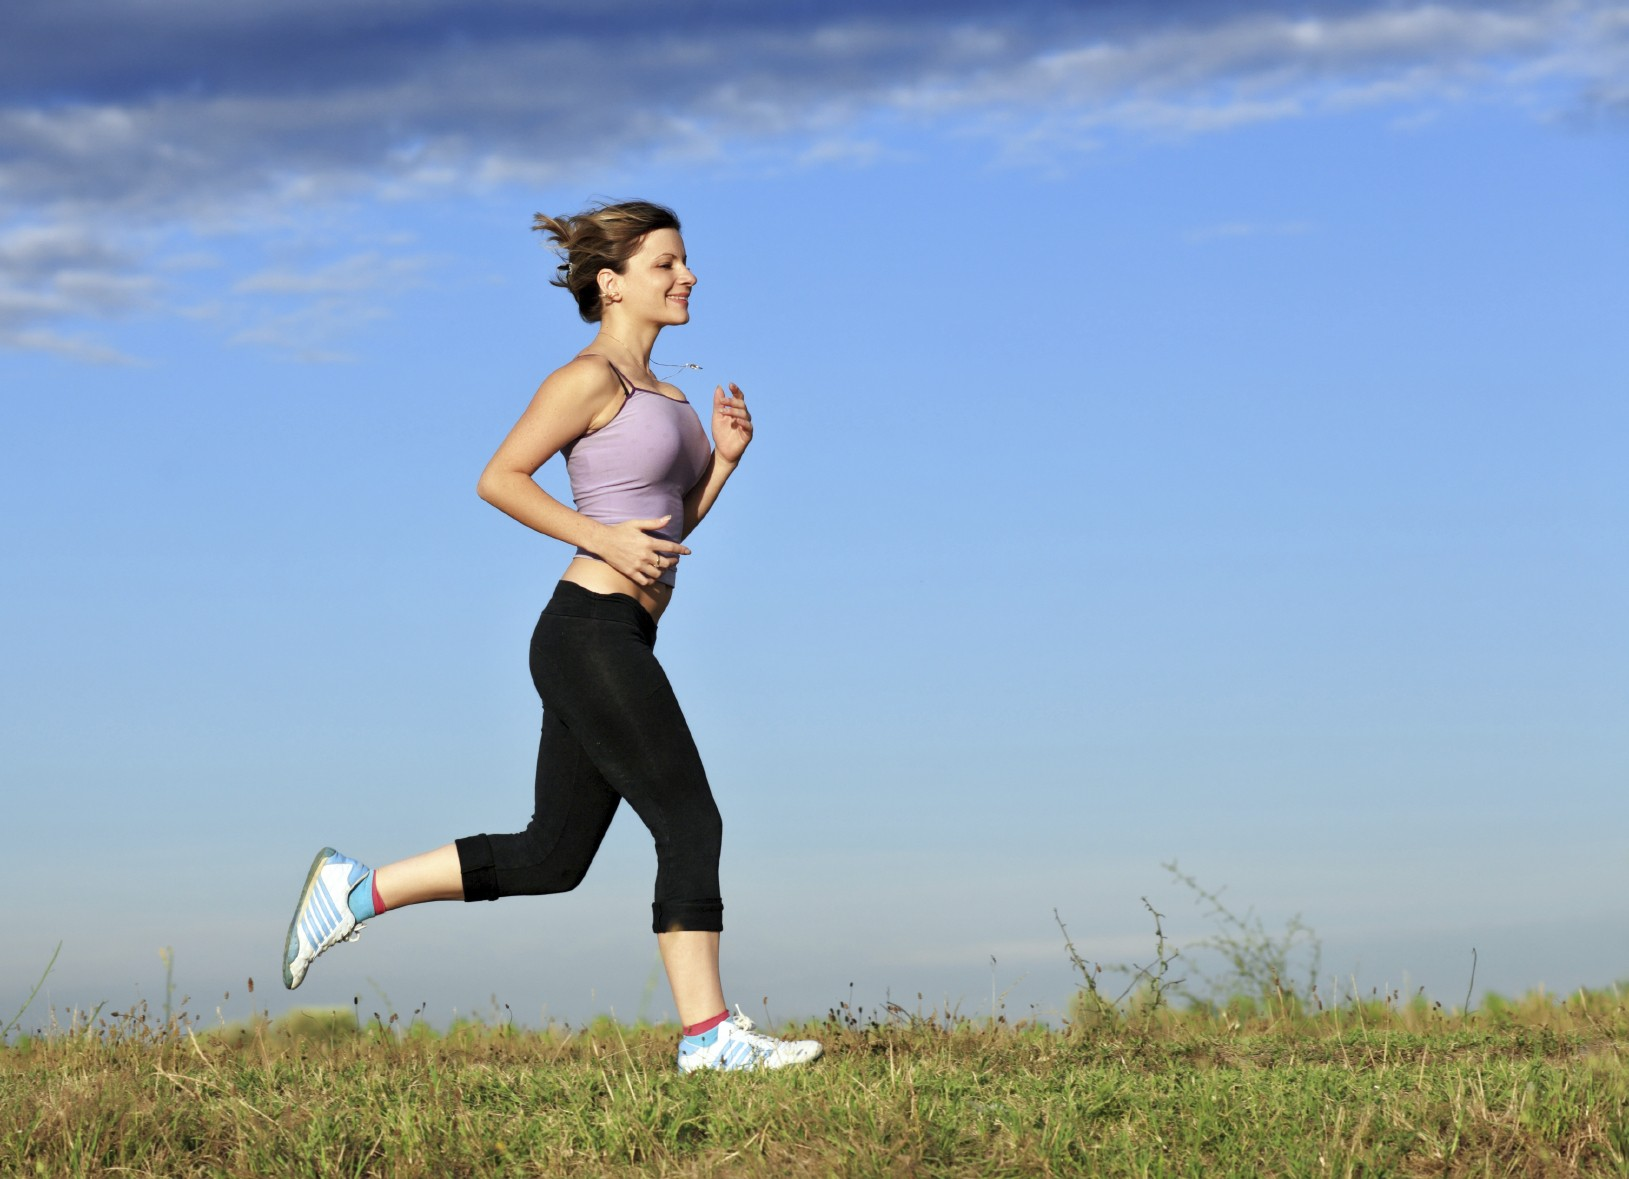 gyógyítsa meg a magas vérnyomást futással